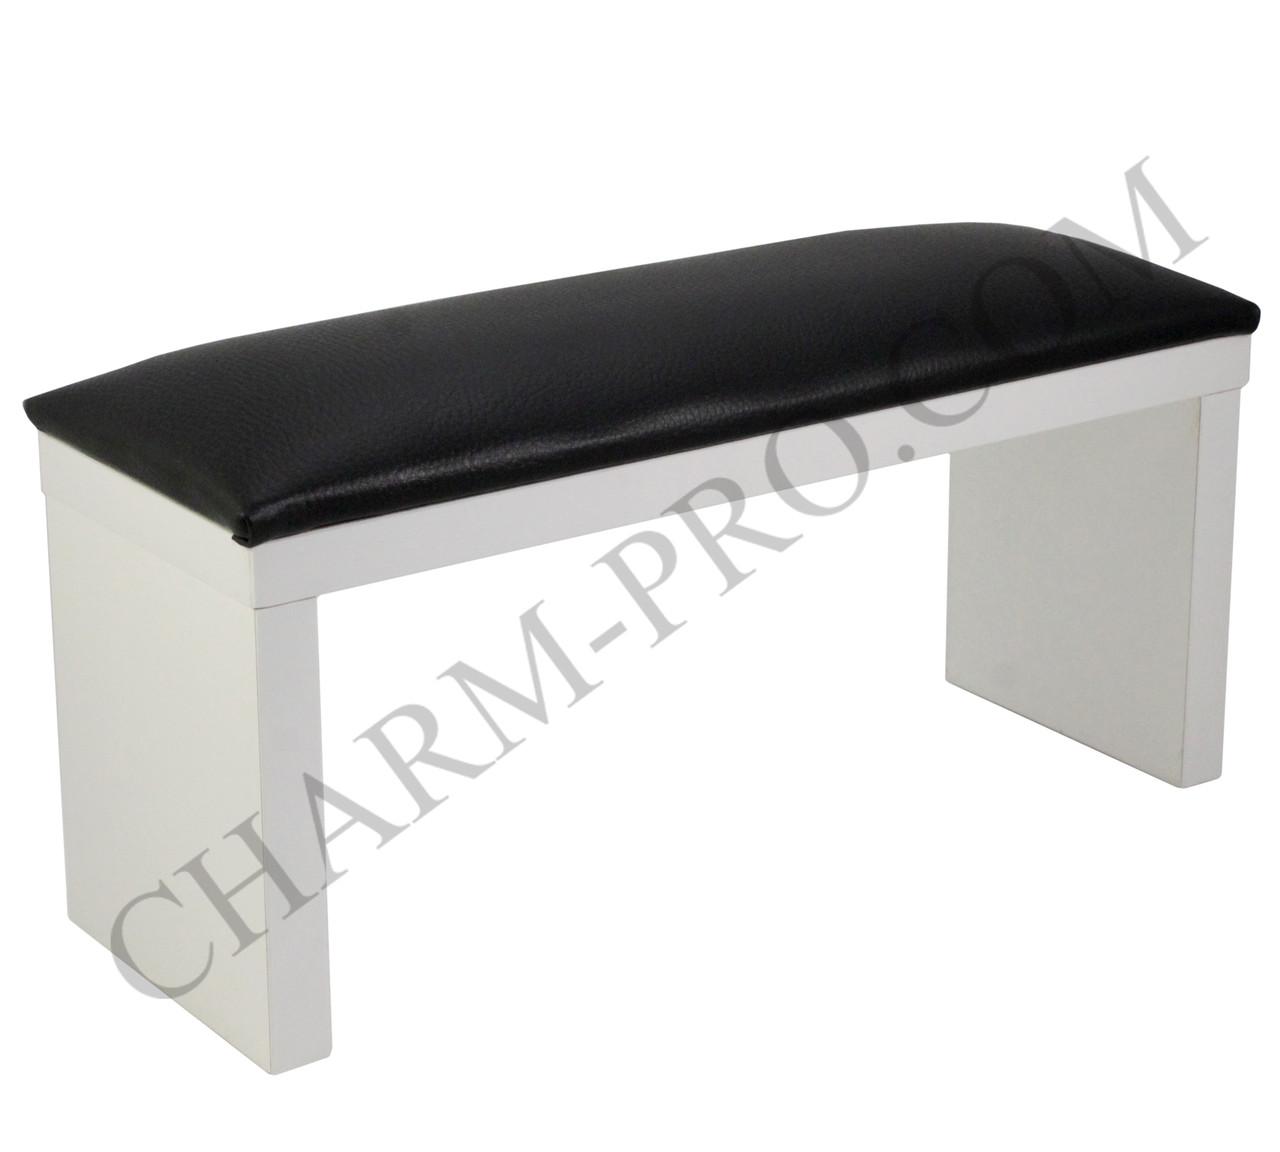 Маникюрная подставка для рук (Подлокотник) Черный на белых ножках